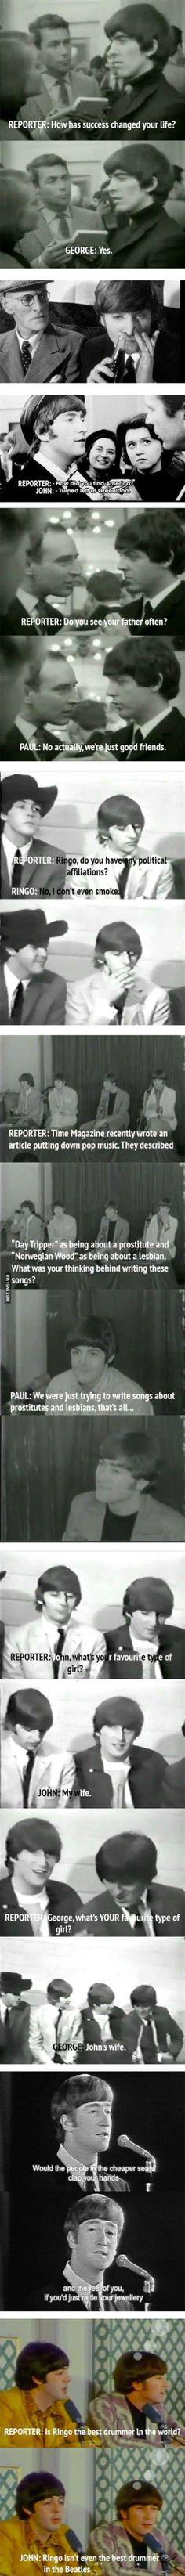 Beatles' sarcasm